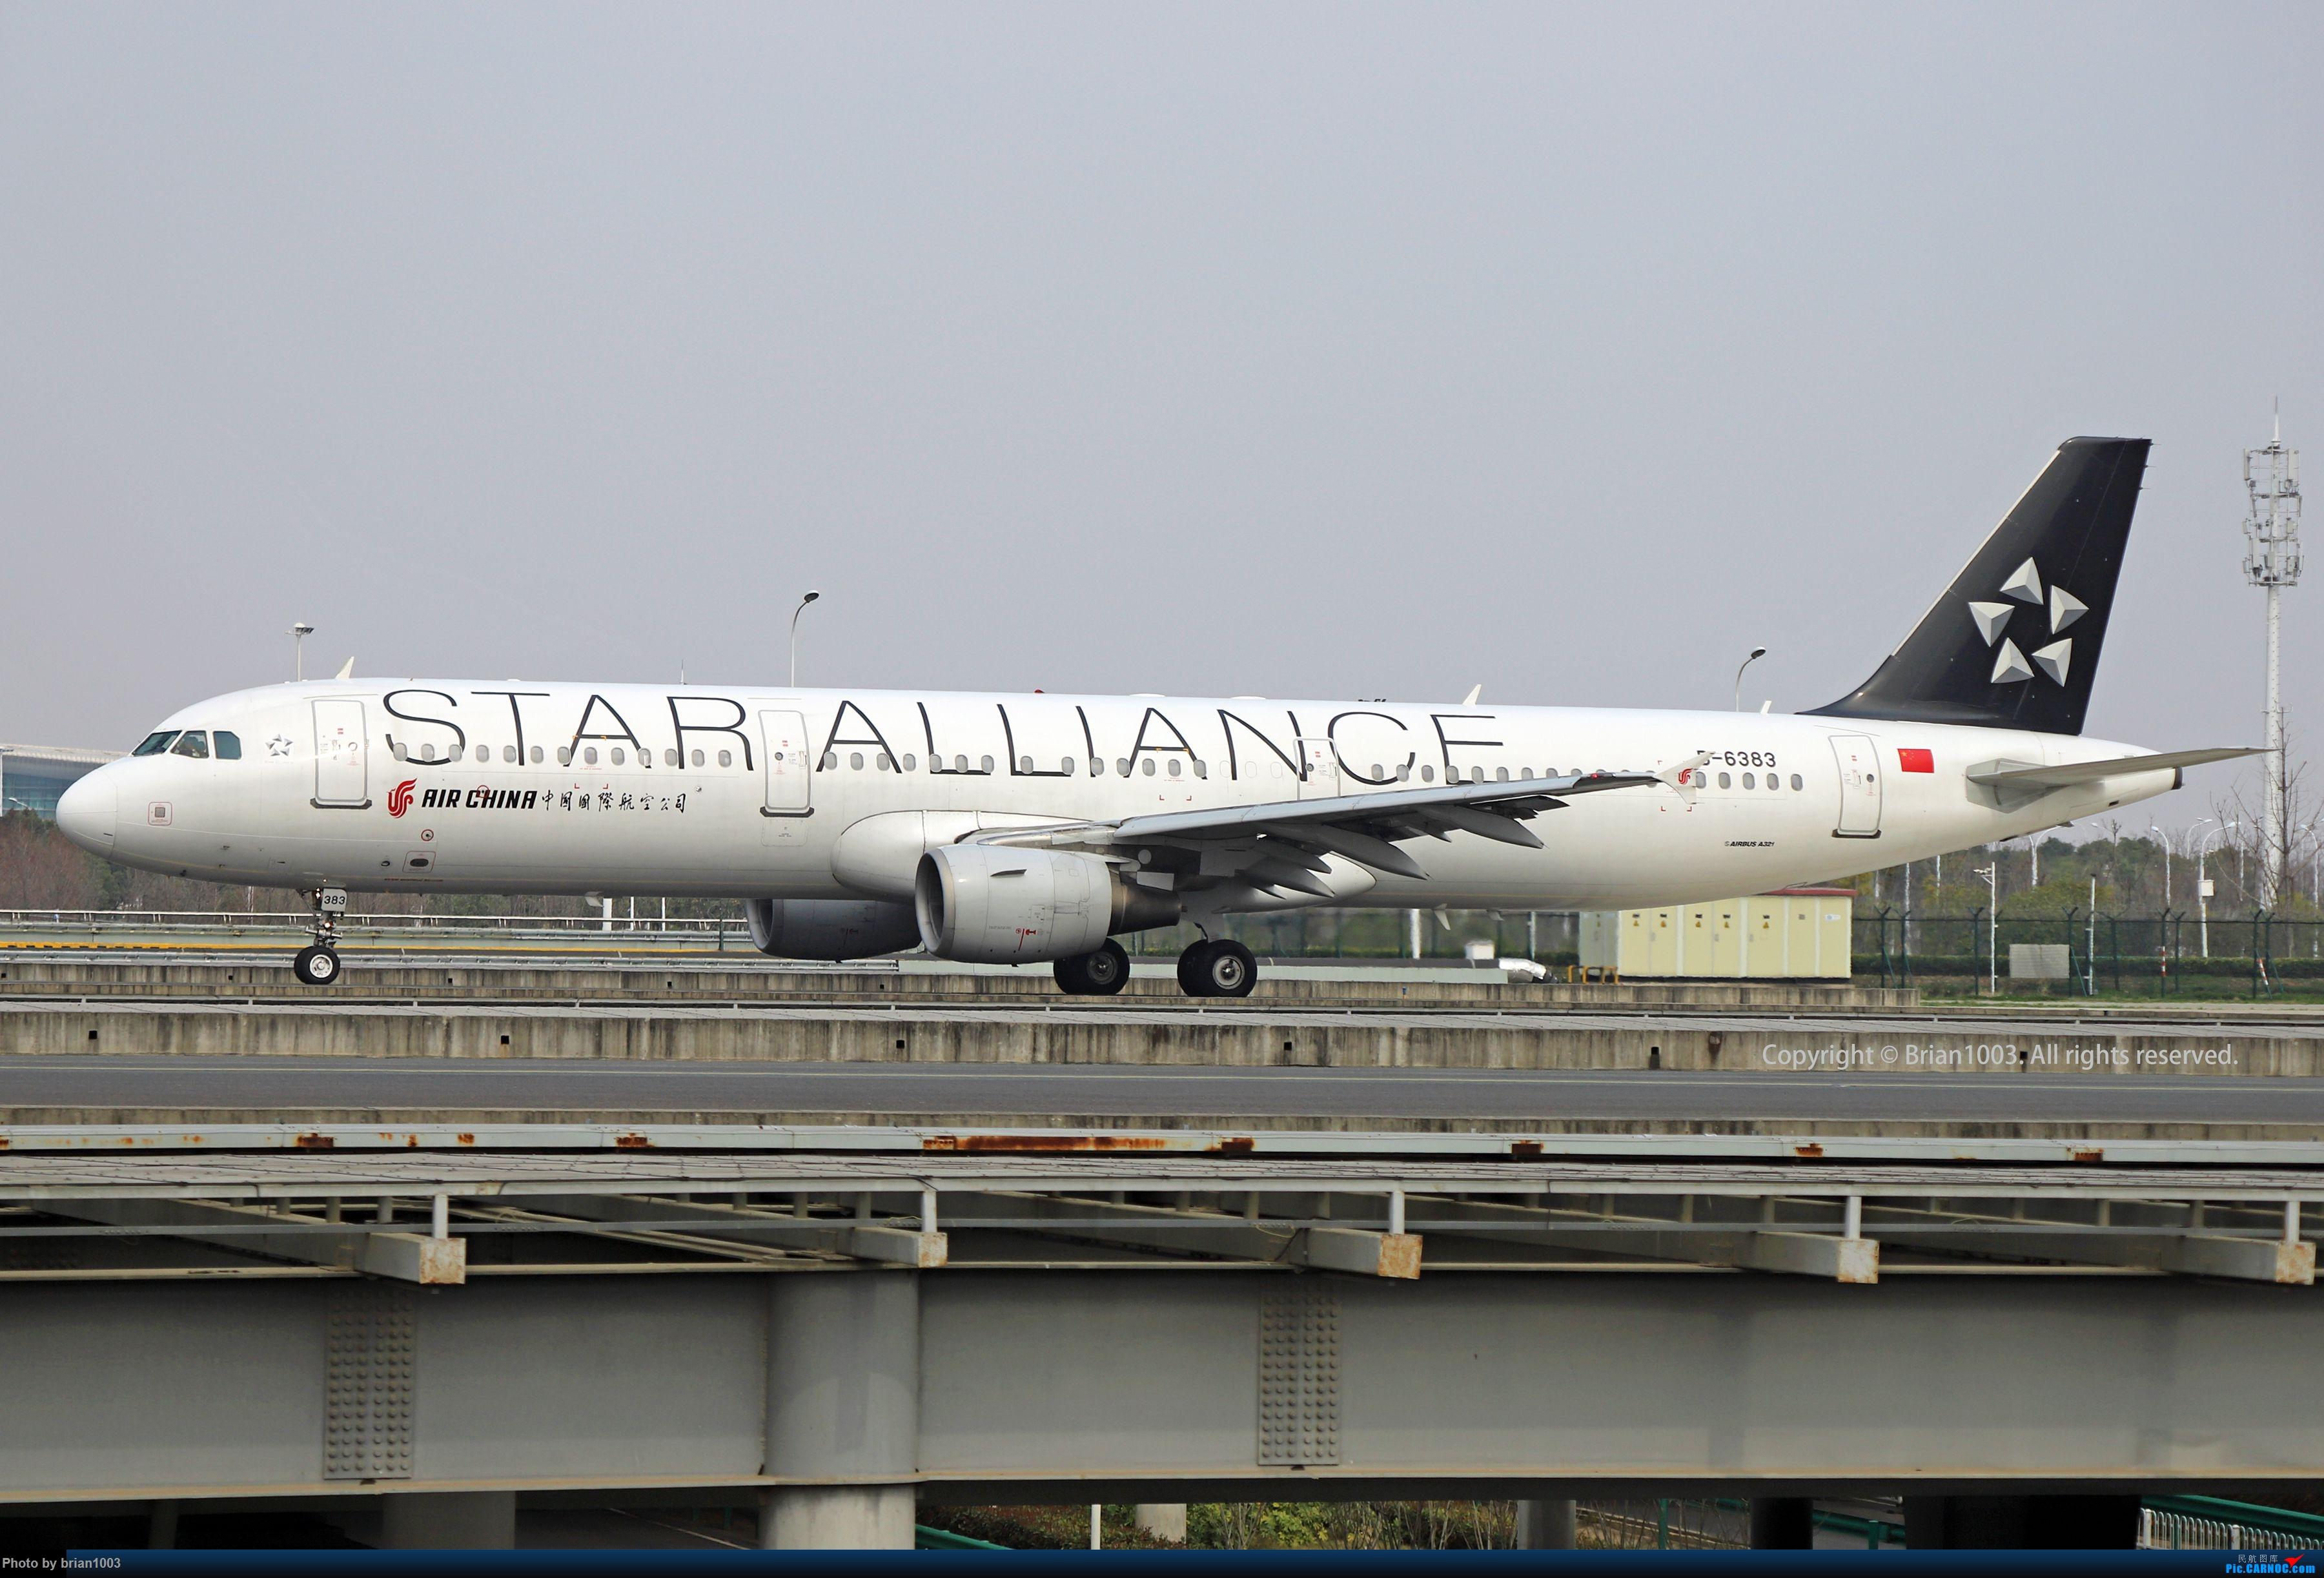 Re:[原创]WUH天河机场2021年拍机之二月 AIRBUS A321-200 B-6383 中国武汉天河国际机场